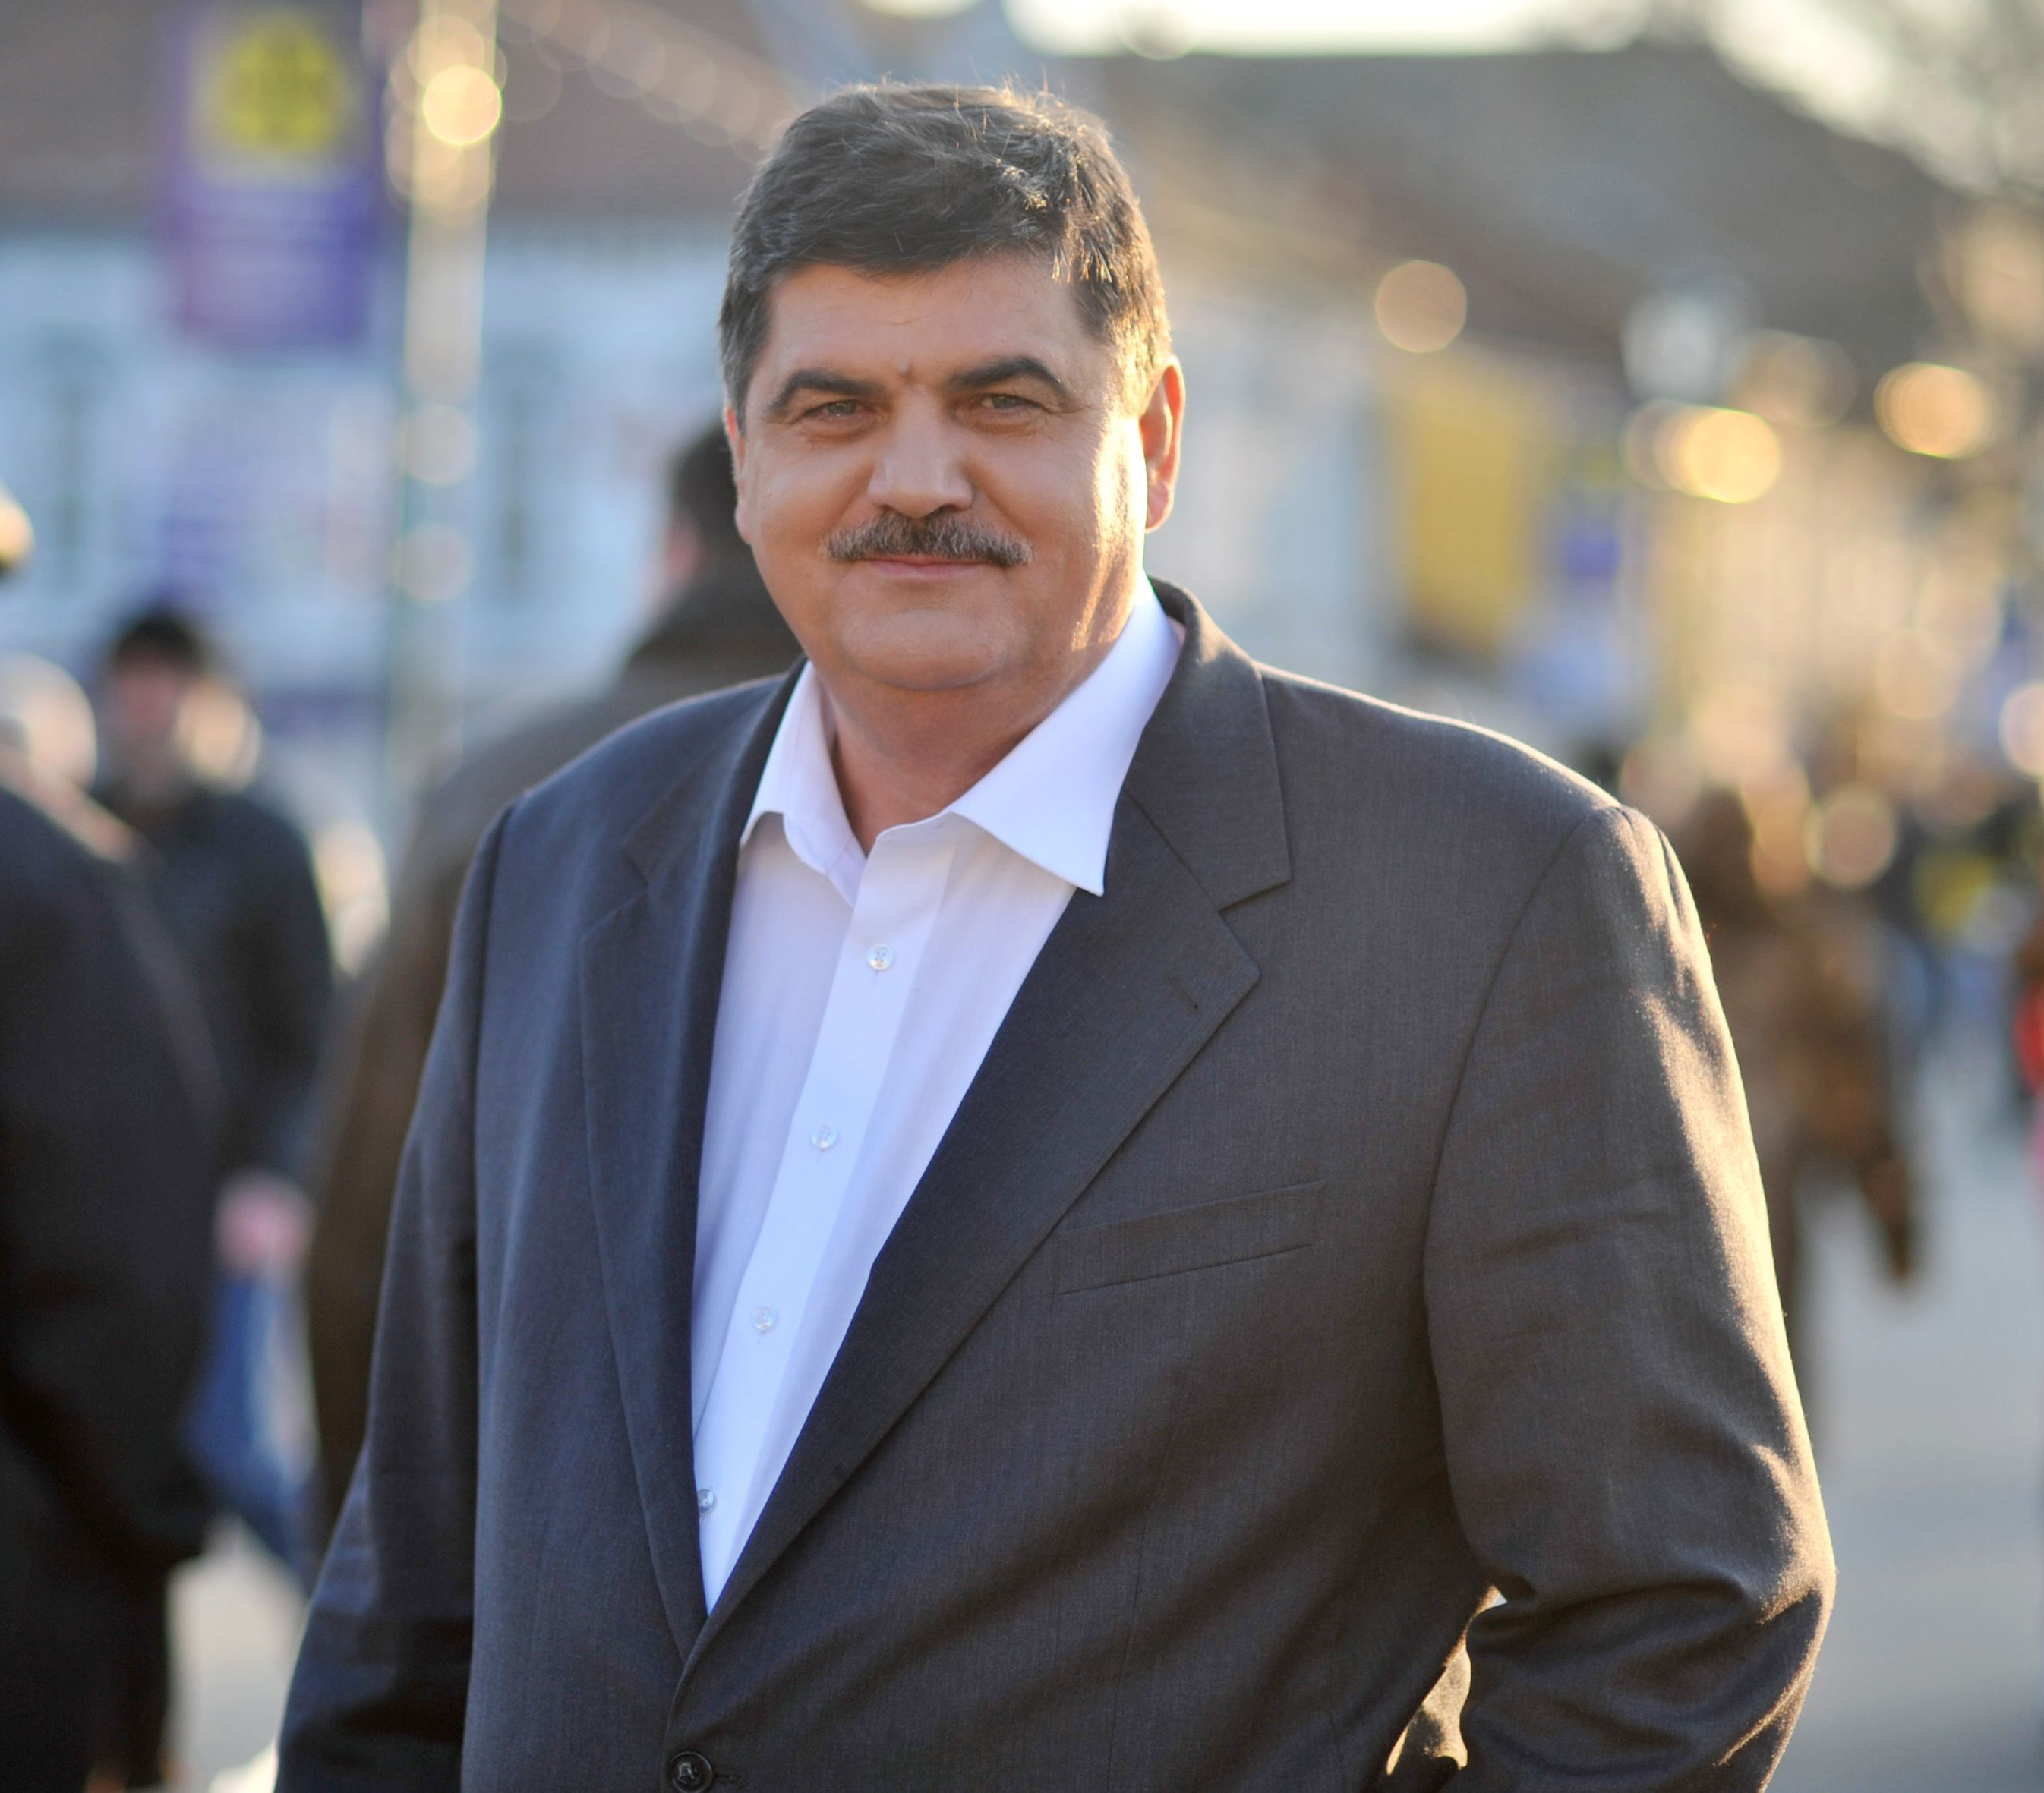 Чучка та Ратушняк вже зареєструвались кандидатами в депутати до Верховної Ради